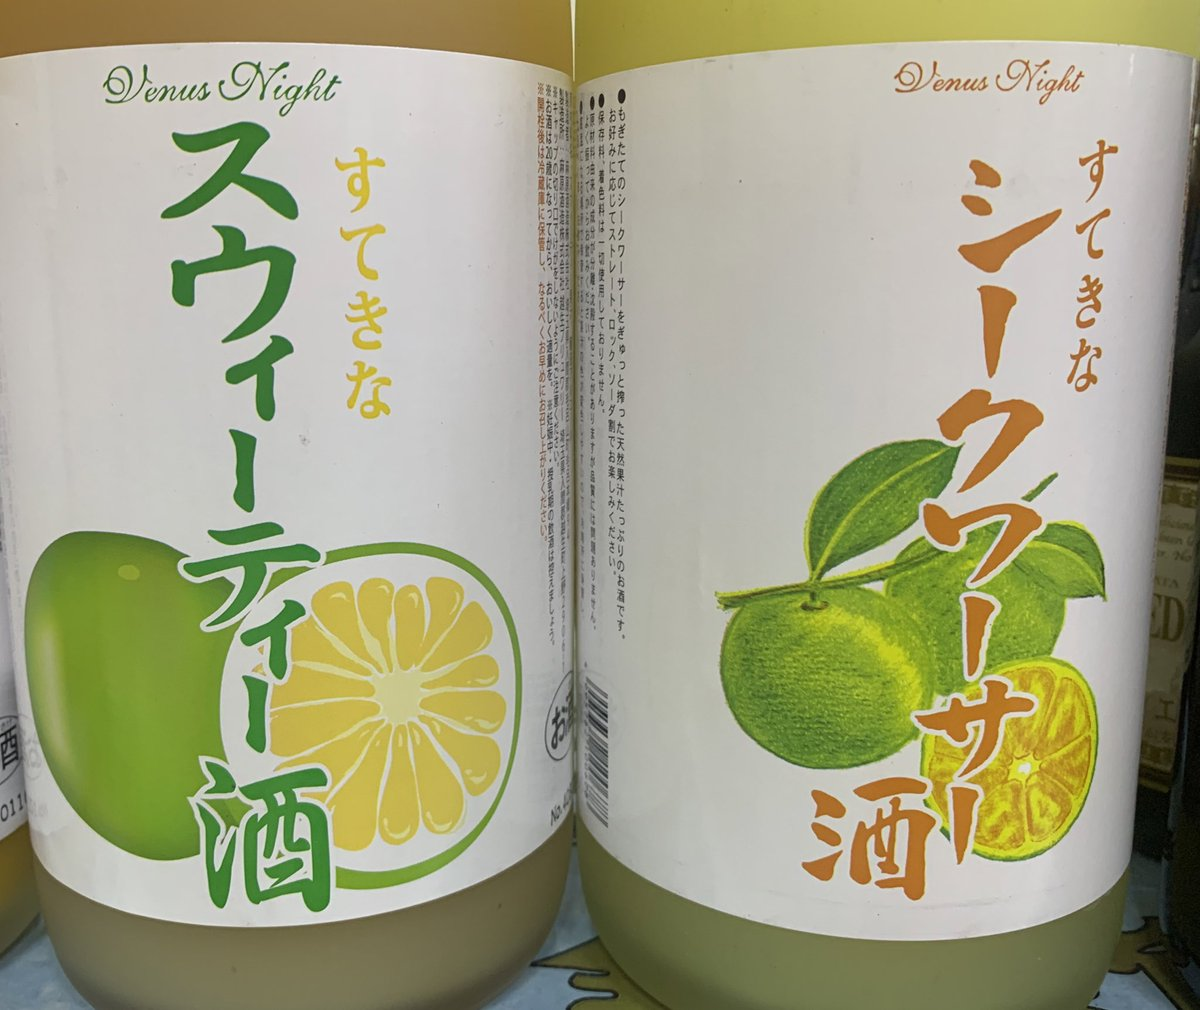 test ツイッターメディア - 麻原酒造より すてきなシリーズ 入荷  無香料 無着色 果汁たっぷり! https://t.co/1dFBSf1Xfc